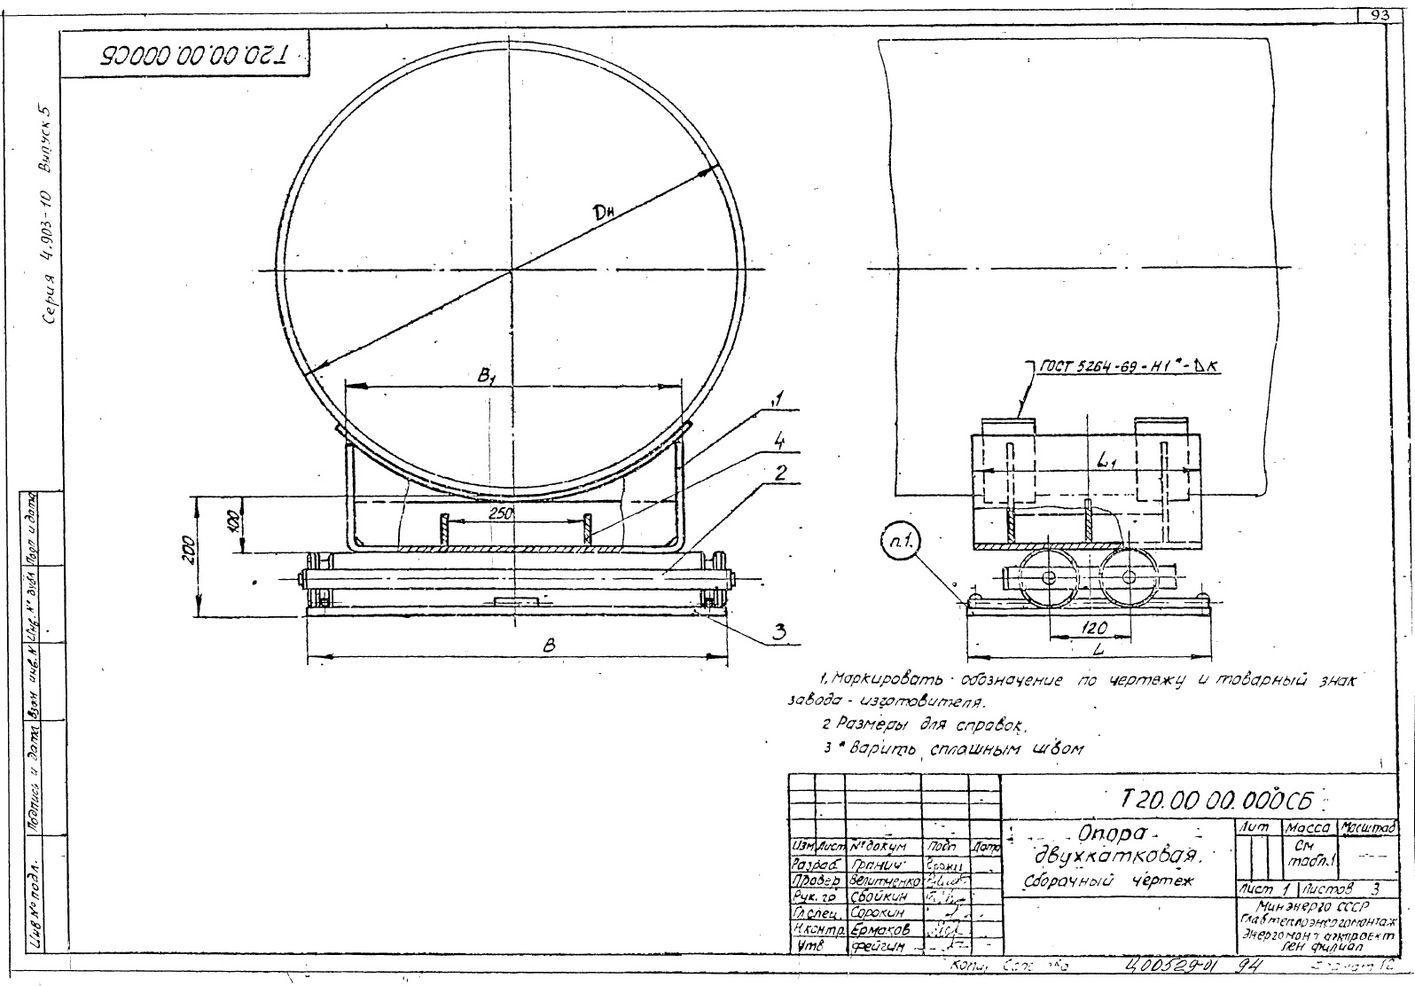 Опоры двухкатковые Т20 серия 4.903-10 вып.5 стр.1